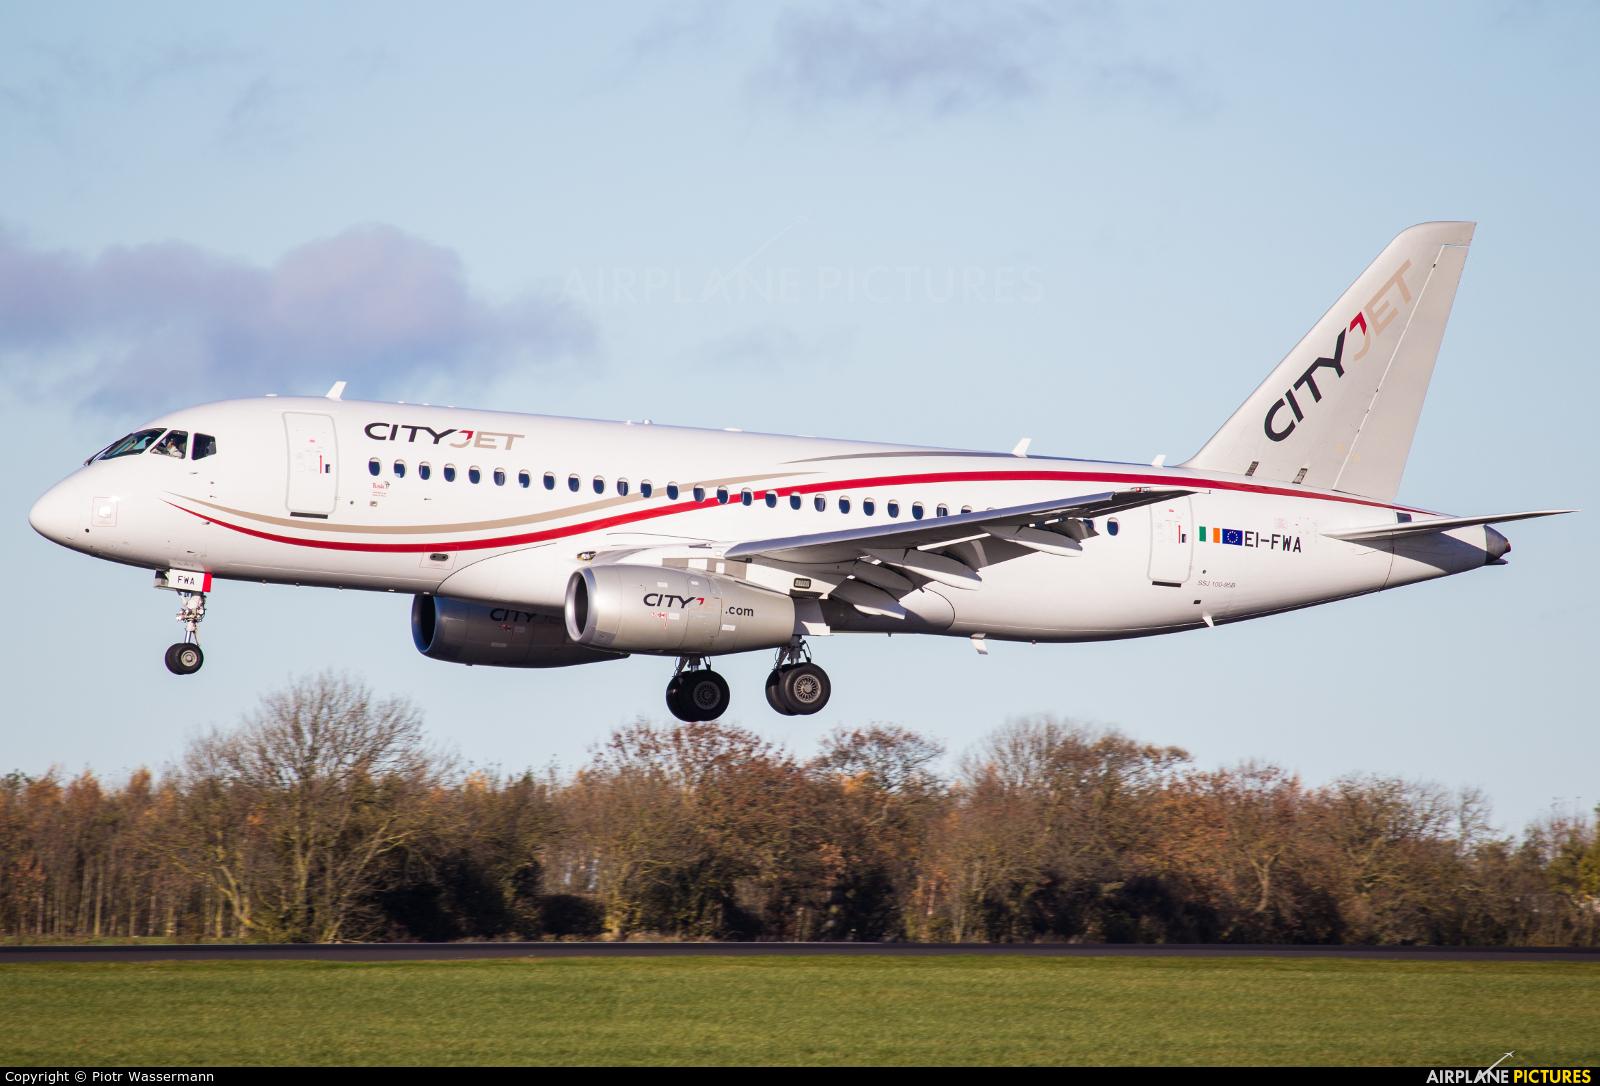 CityJet EI-FWA aircraft at Newcastle